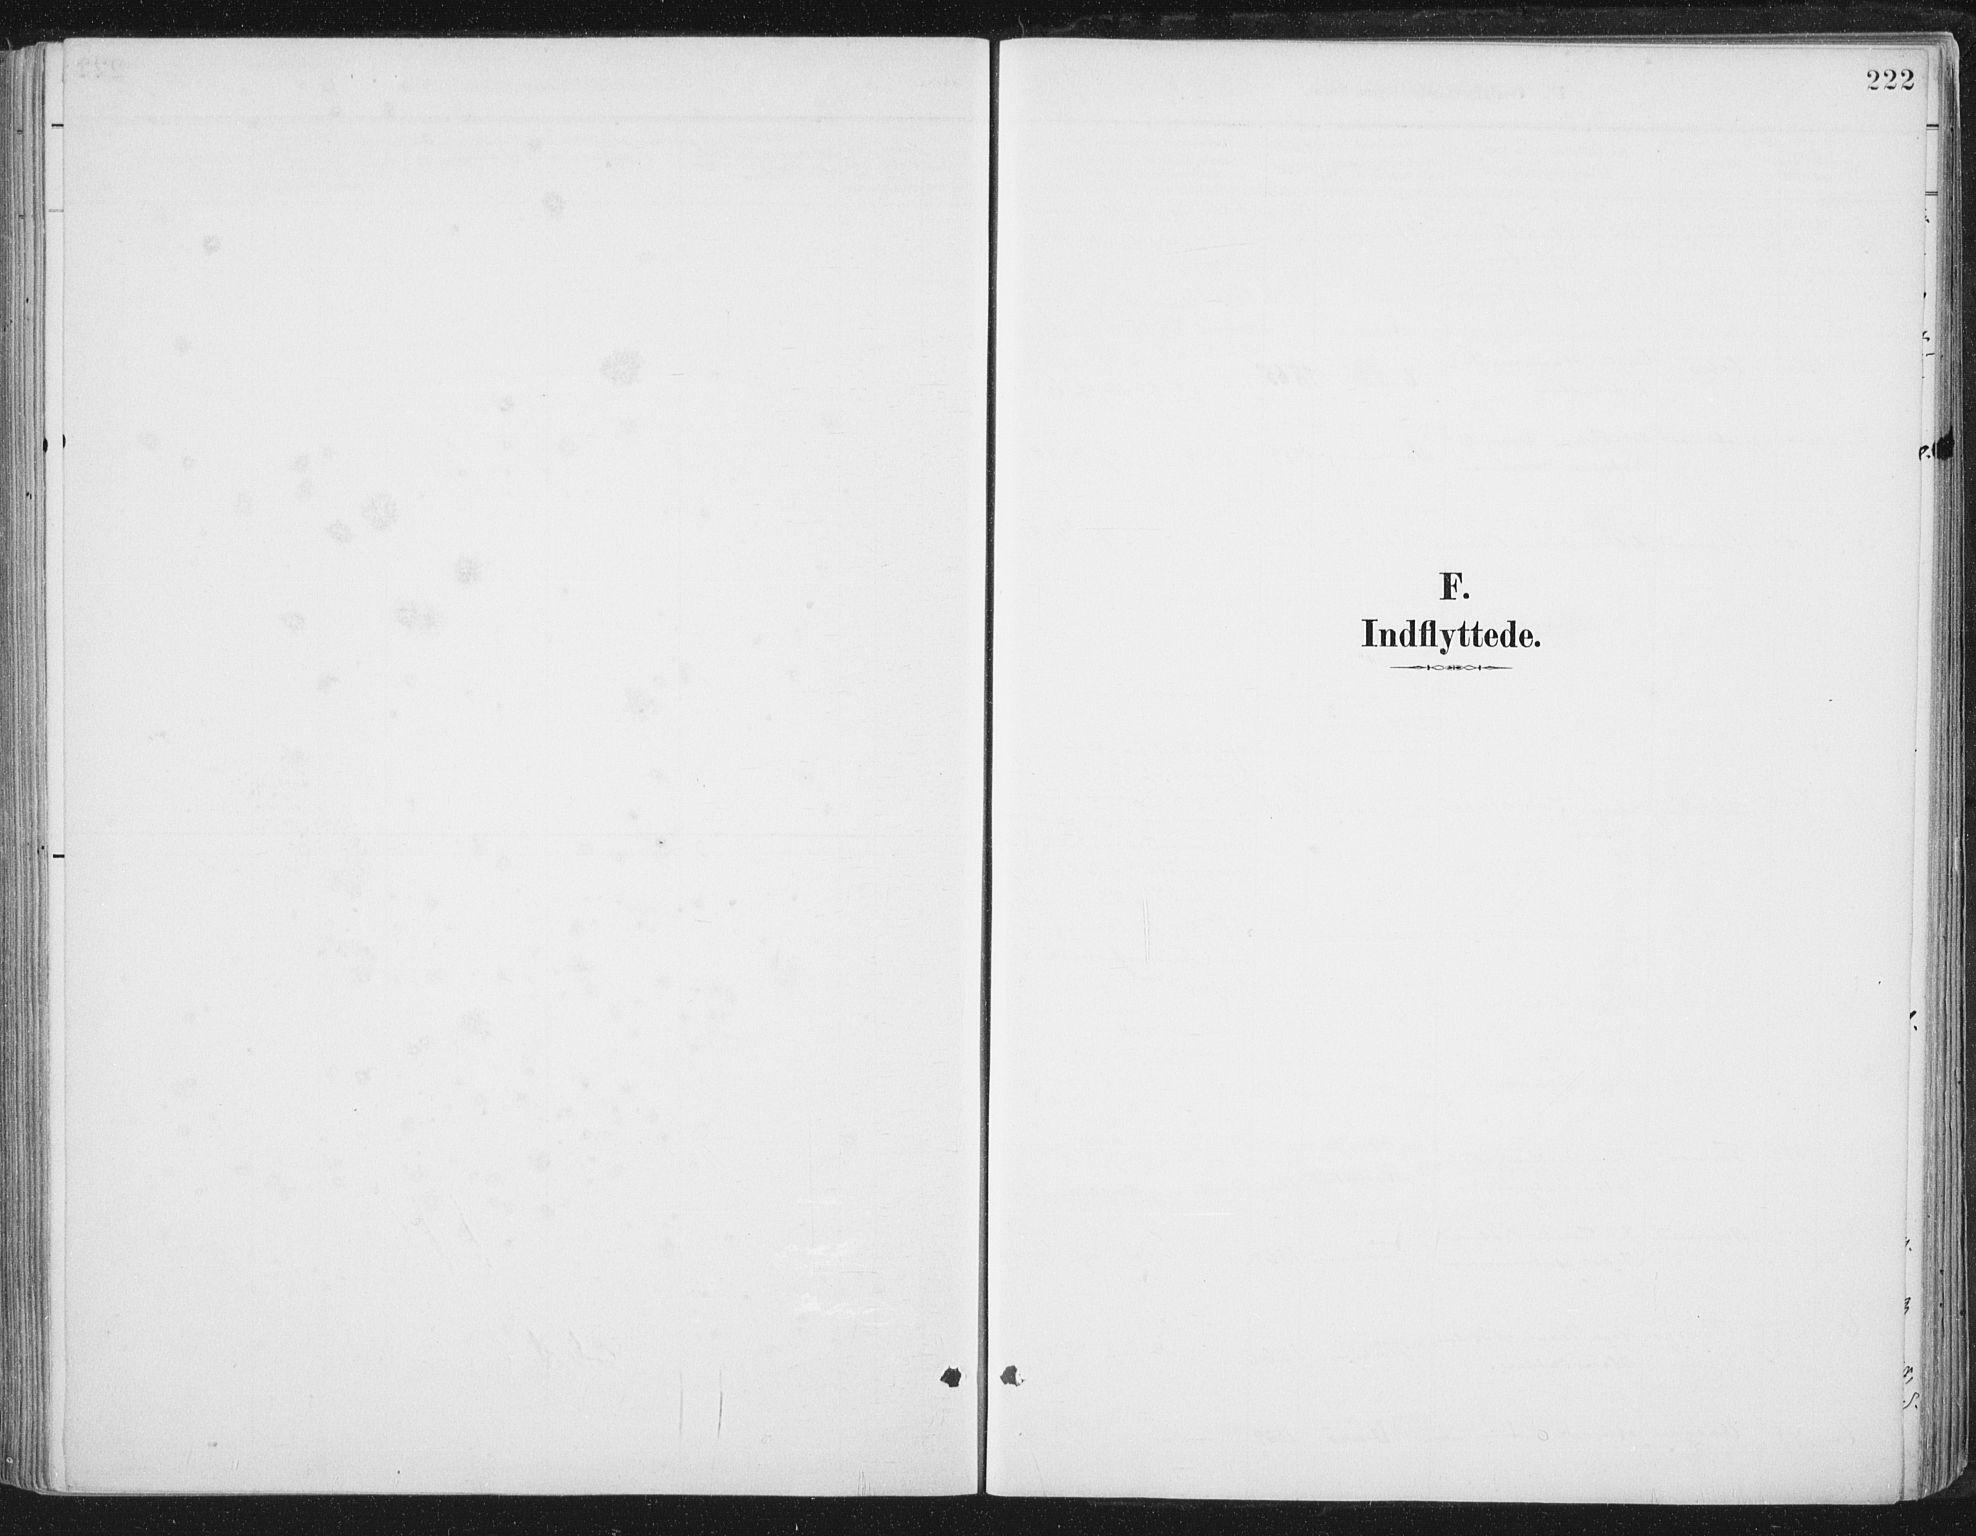 SAT, Ministerialprotokoller, klokkerbøker og fødselsregistre - Nord-Trøndelag, 784/L0673: Ministerialbok nr. 784A08, 1888-1899, s. 222